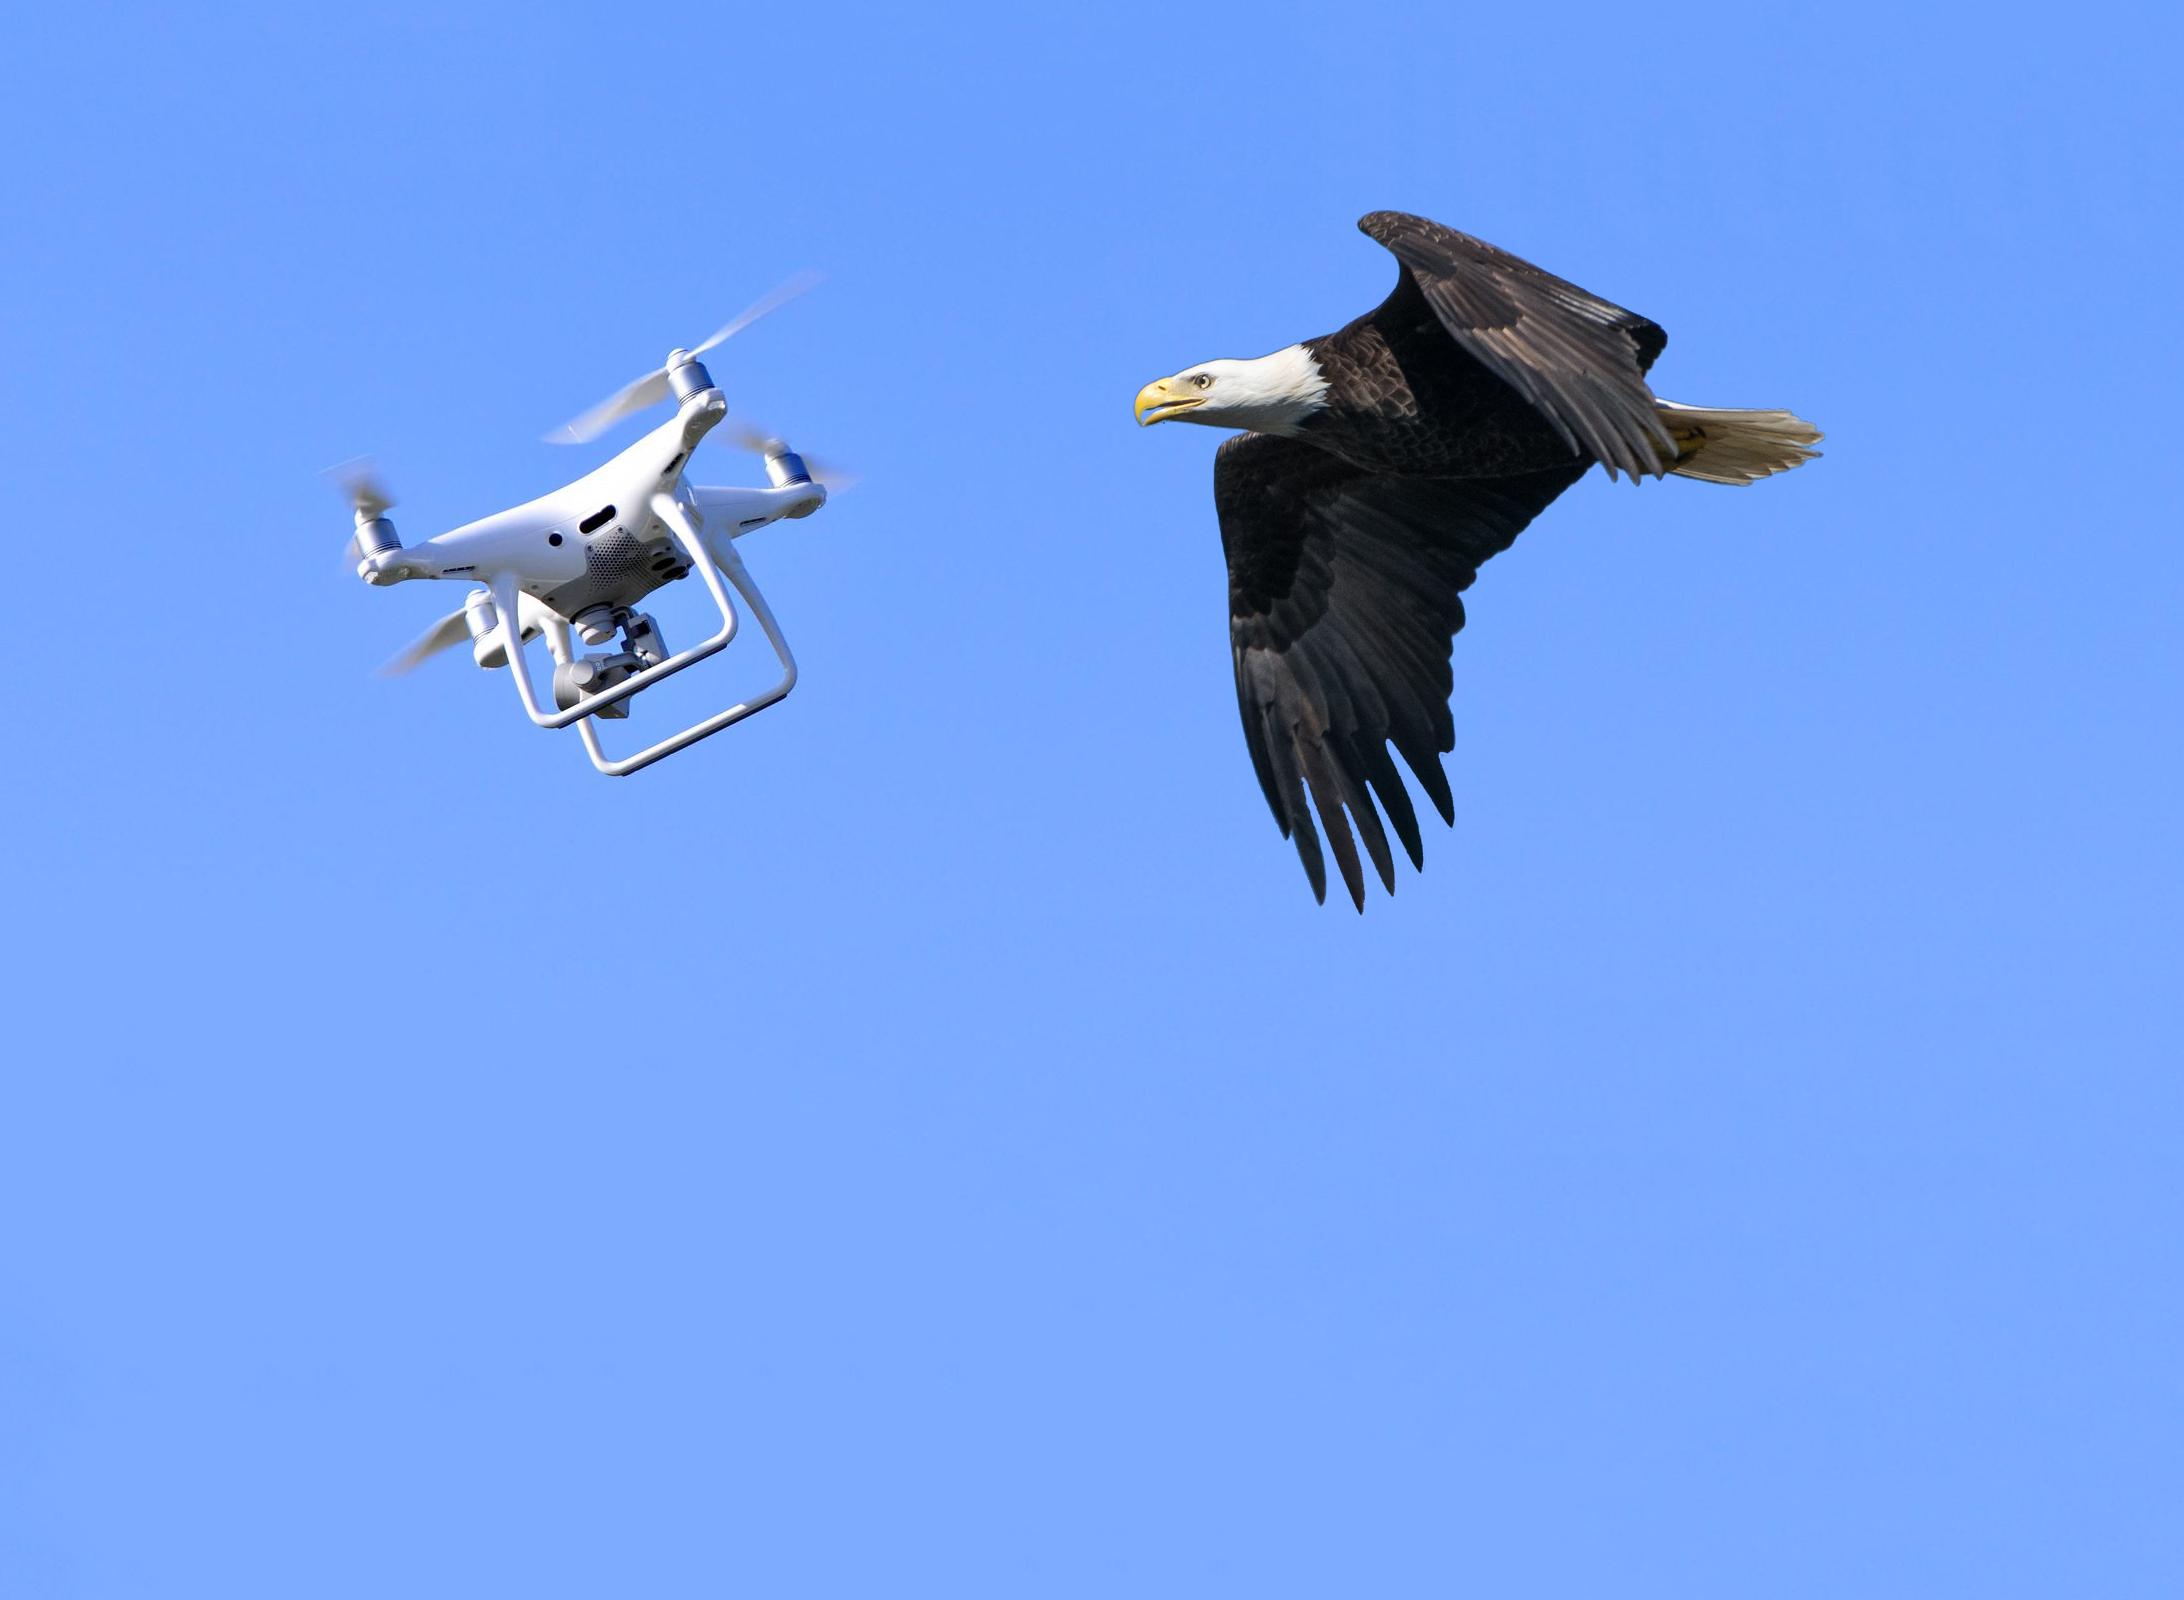 Ne Pas Les Aigles Chasseront En Hollande Drones 5B56qwx